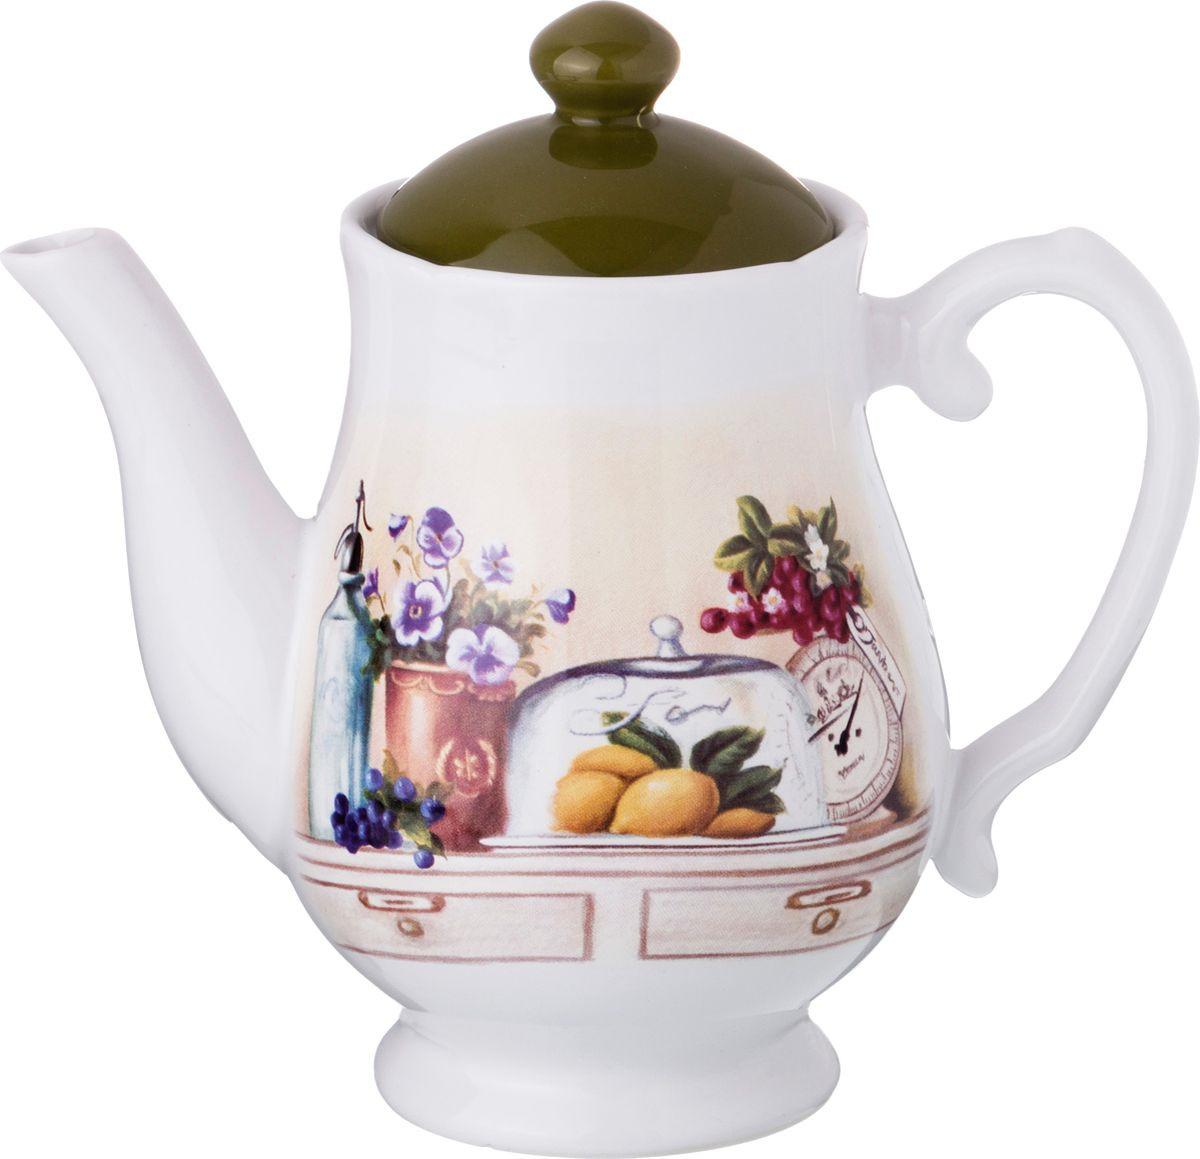 Чайник заварочный Agness В саду, 358-967-1, разноцветный, 1 л чайник яблоки 1 л